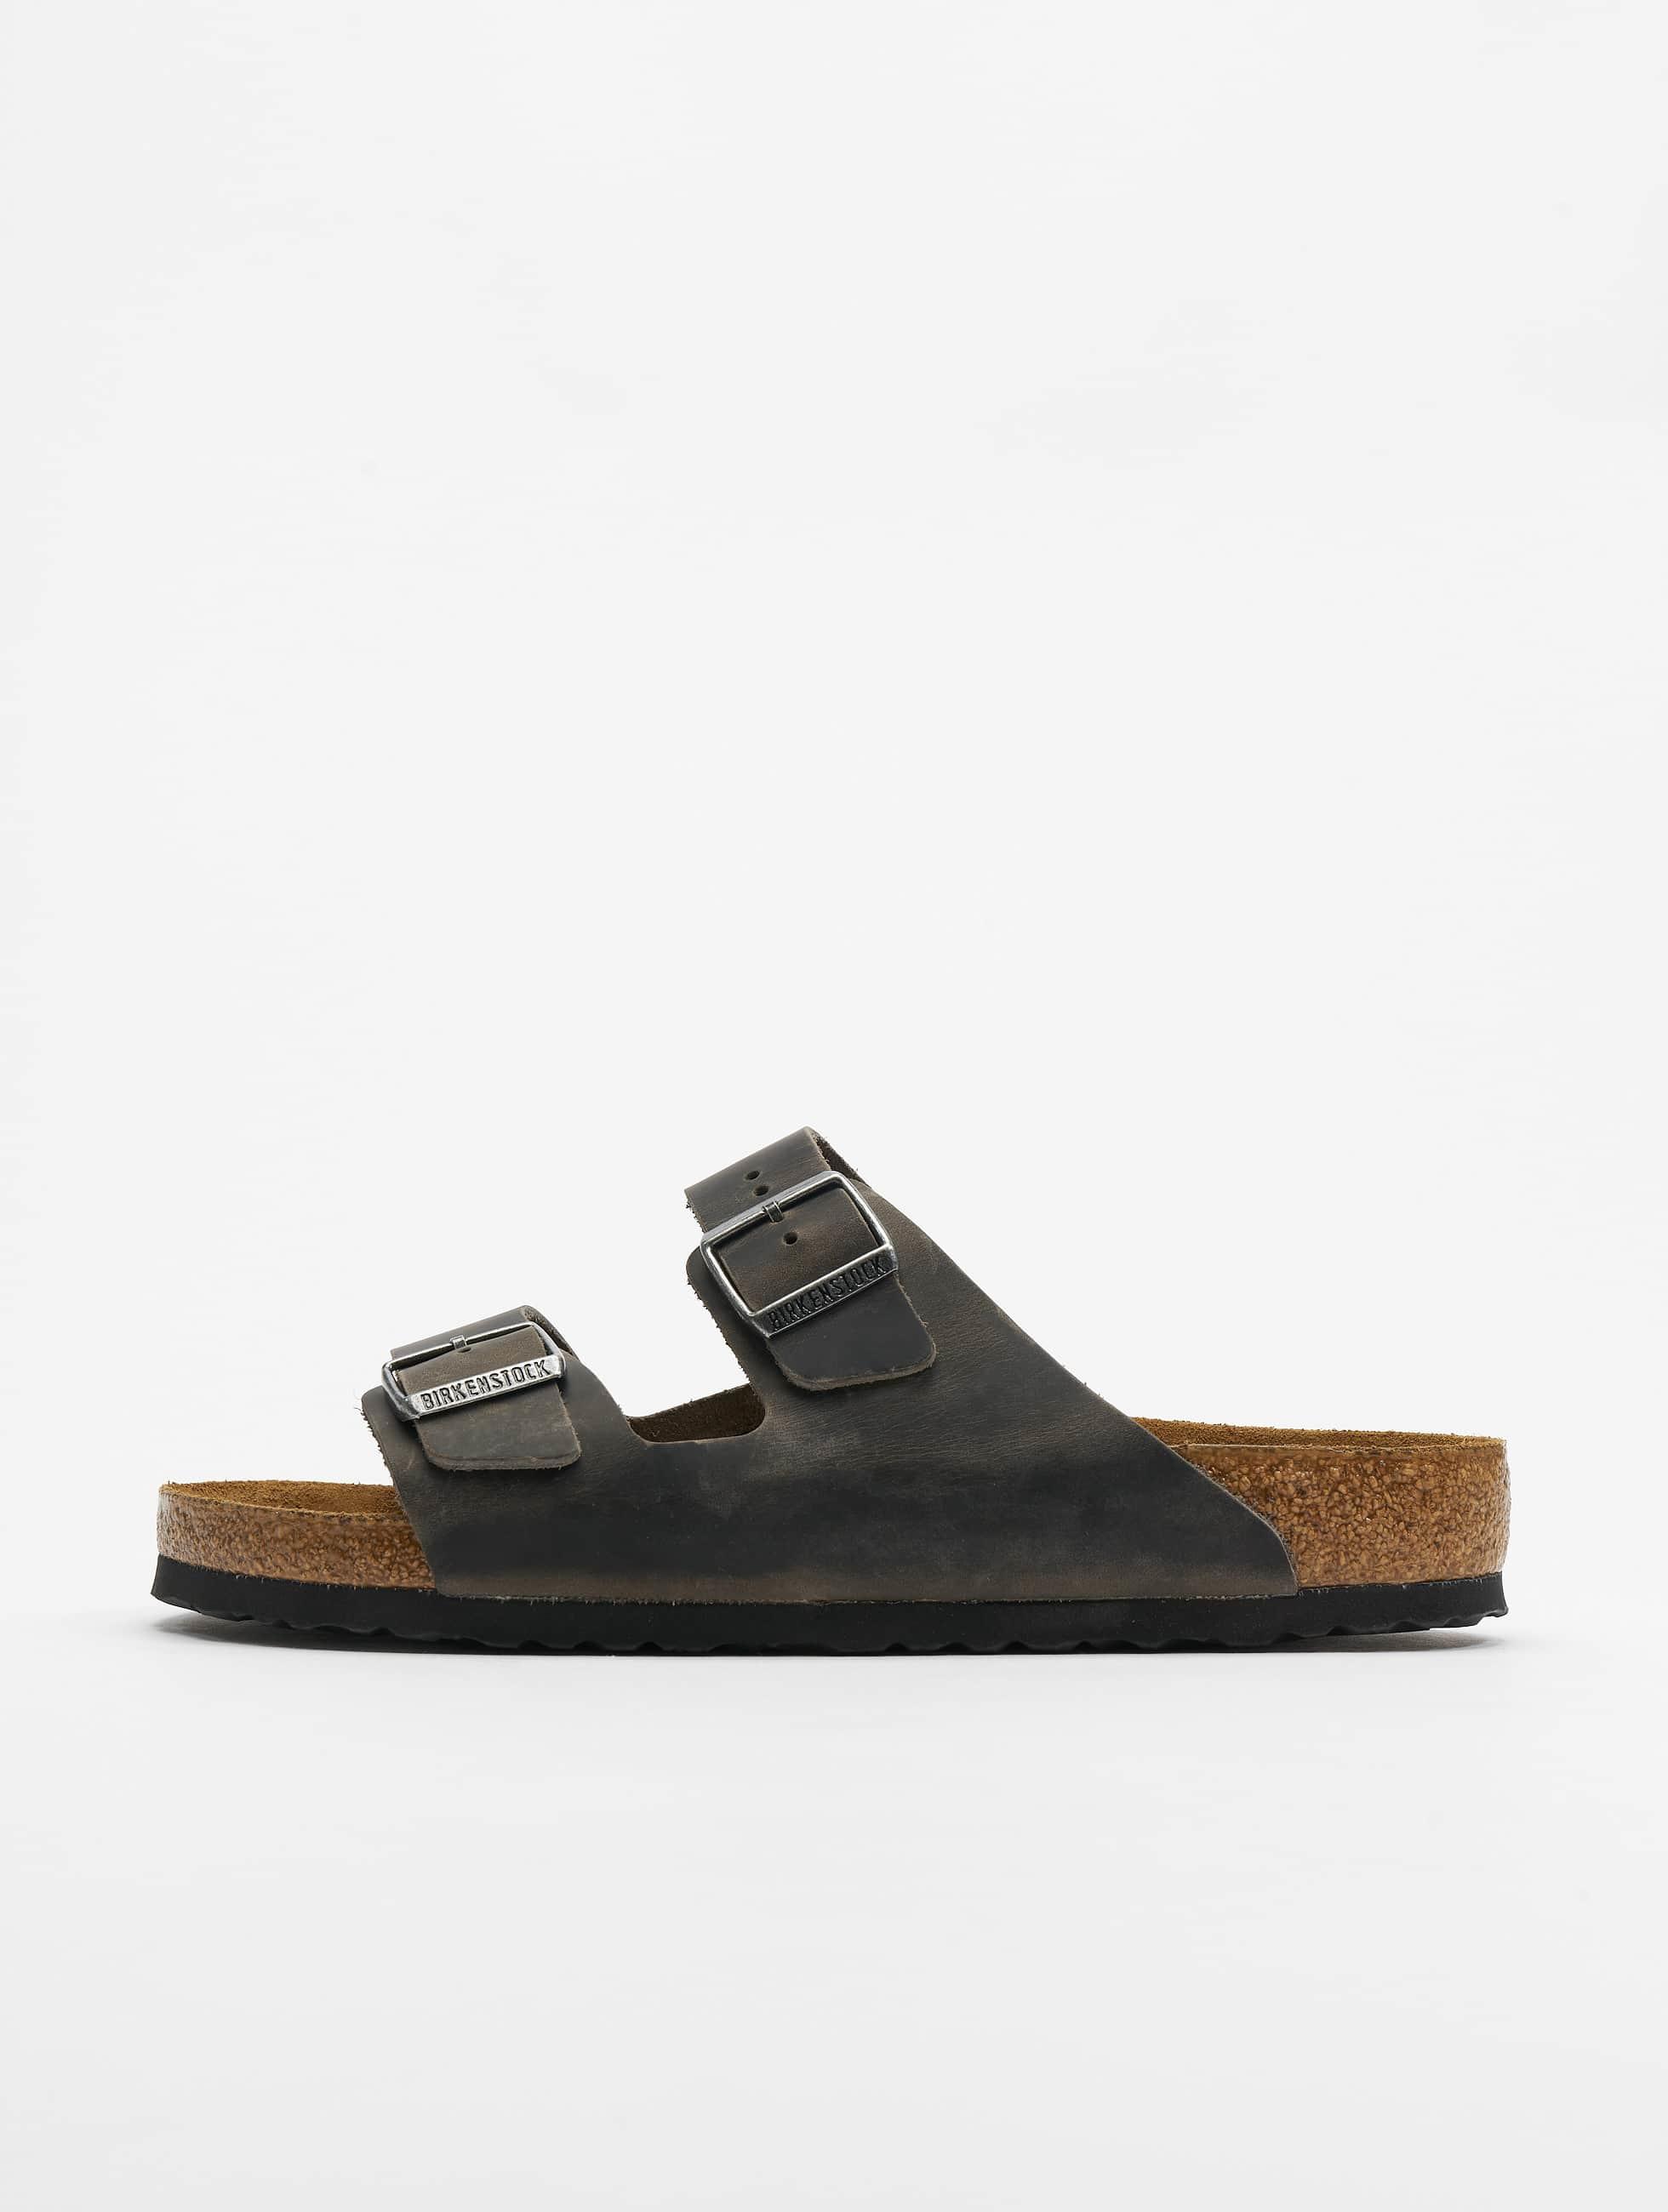 Birkenstock Arizona BF groen sandalen heren